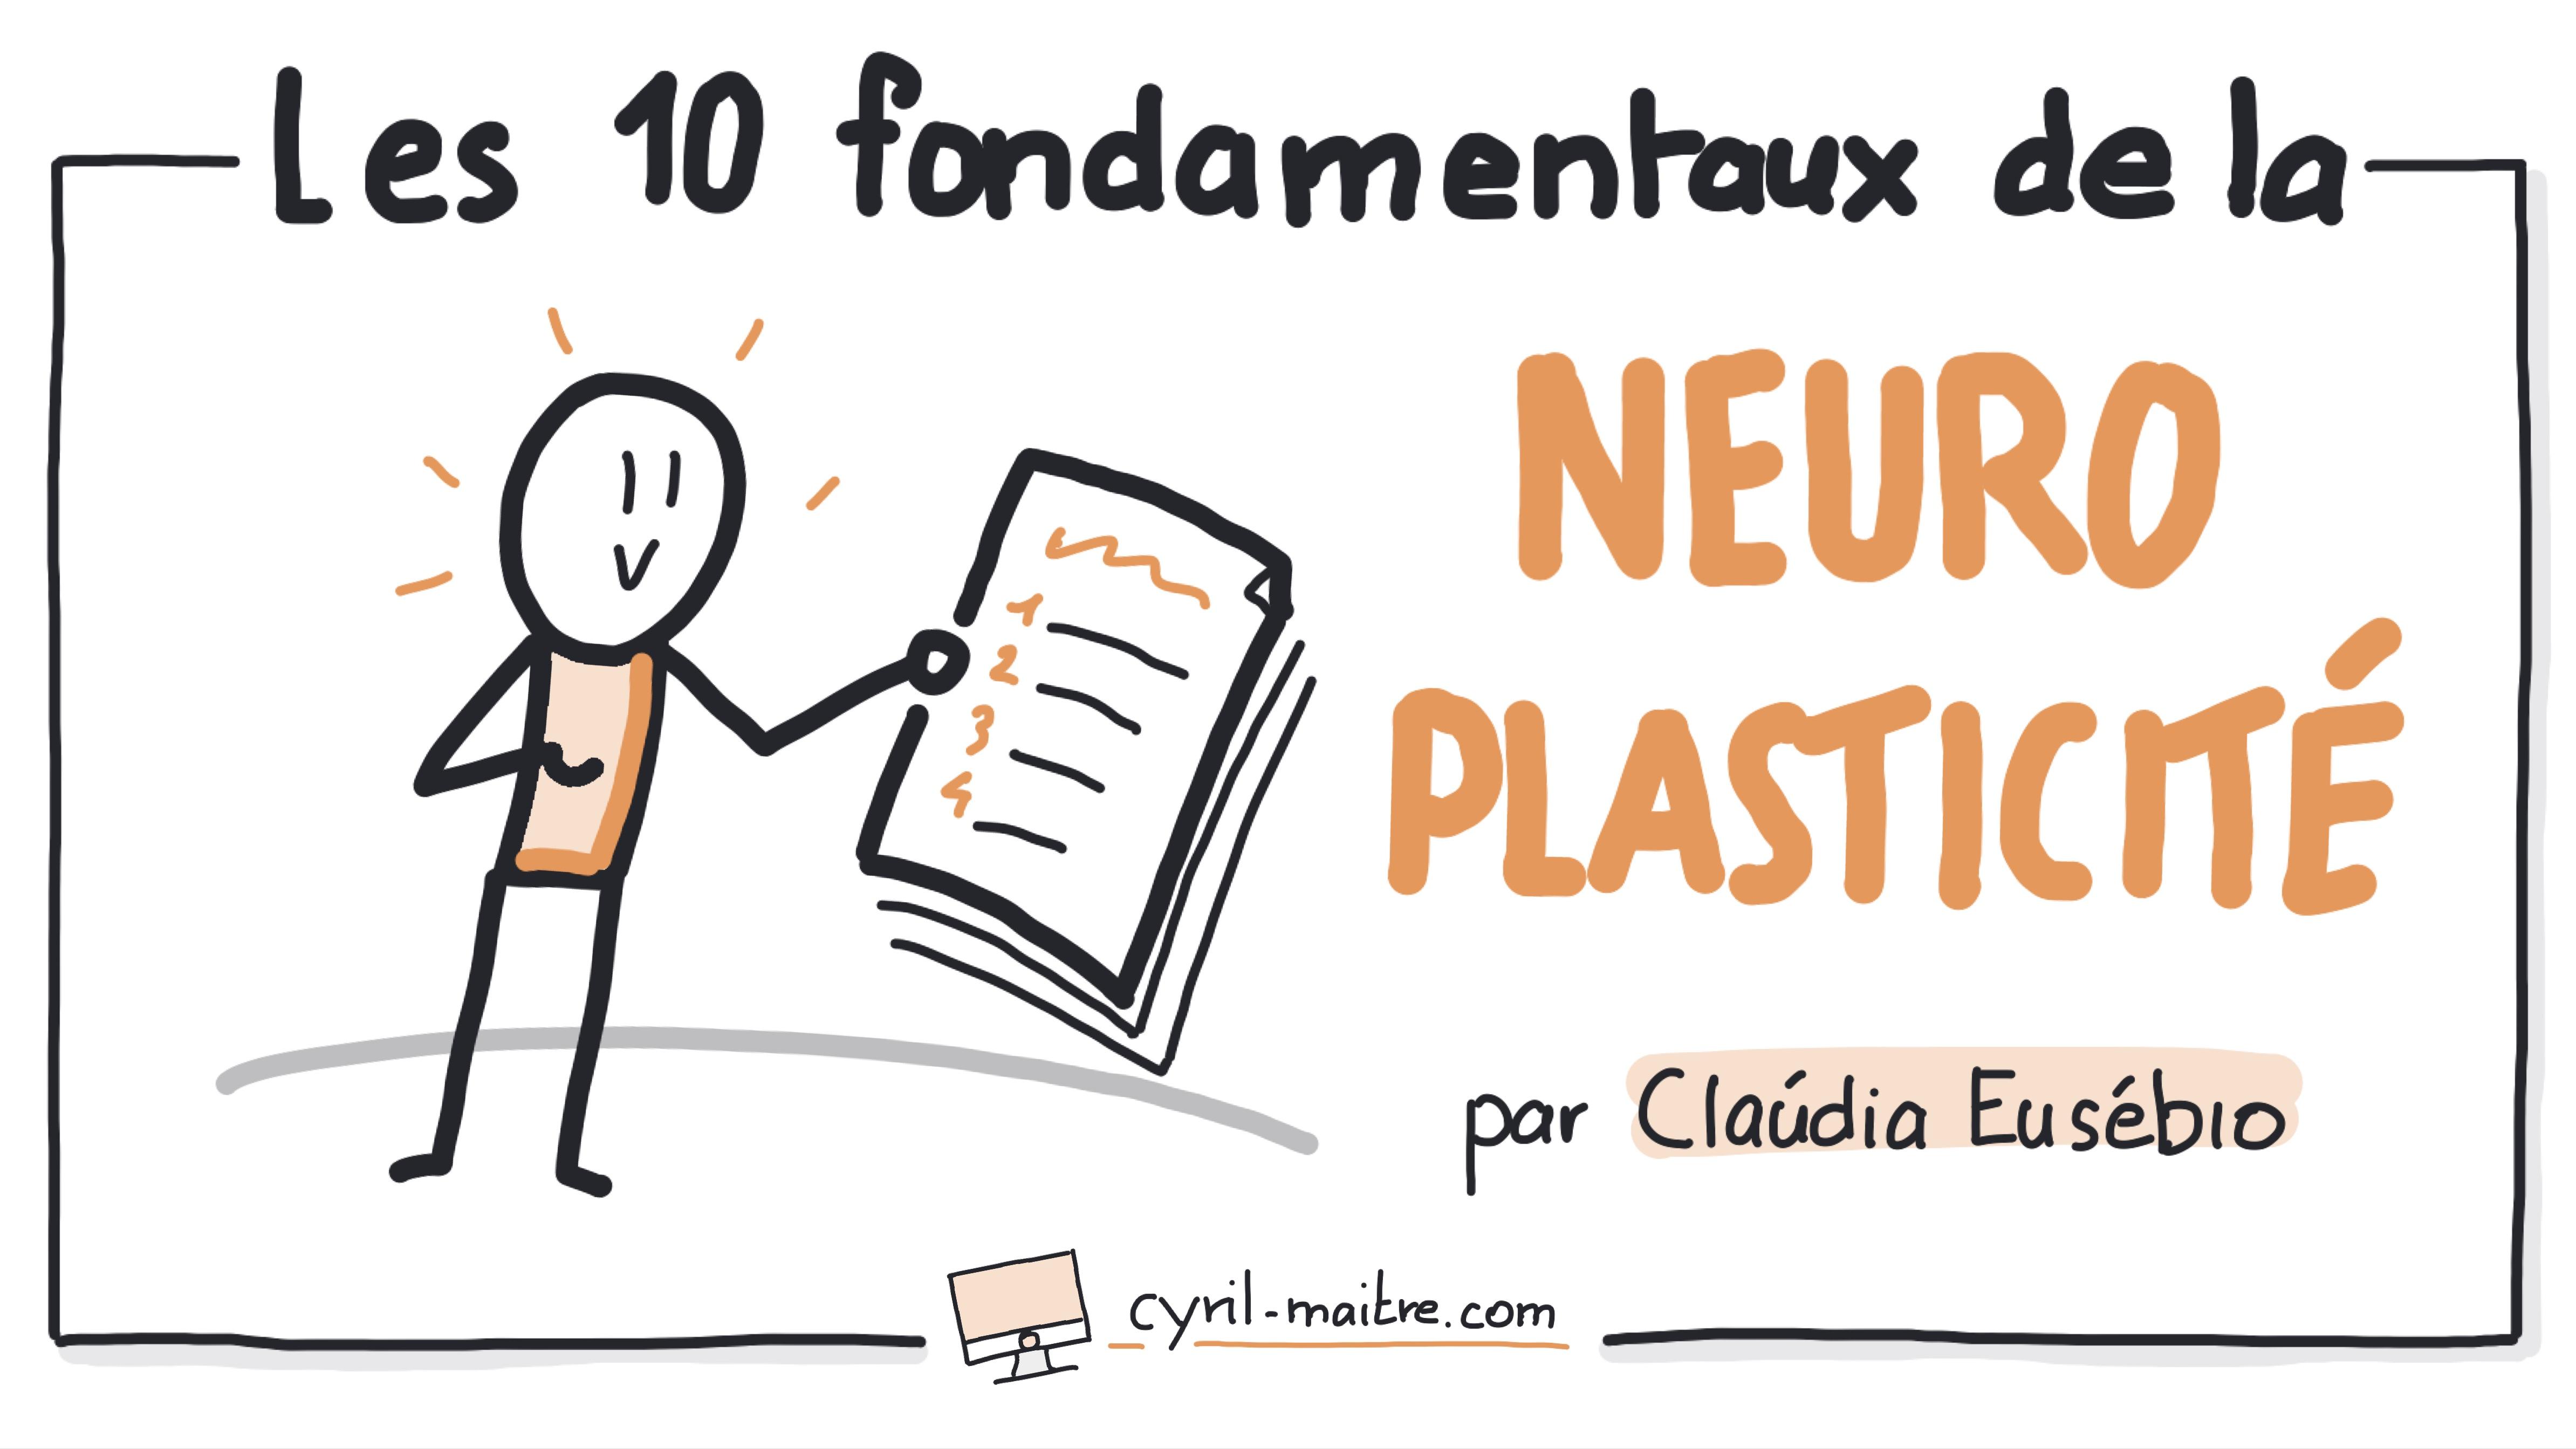 Les 10 fondamentaux de la neuroplasticité